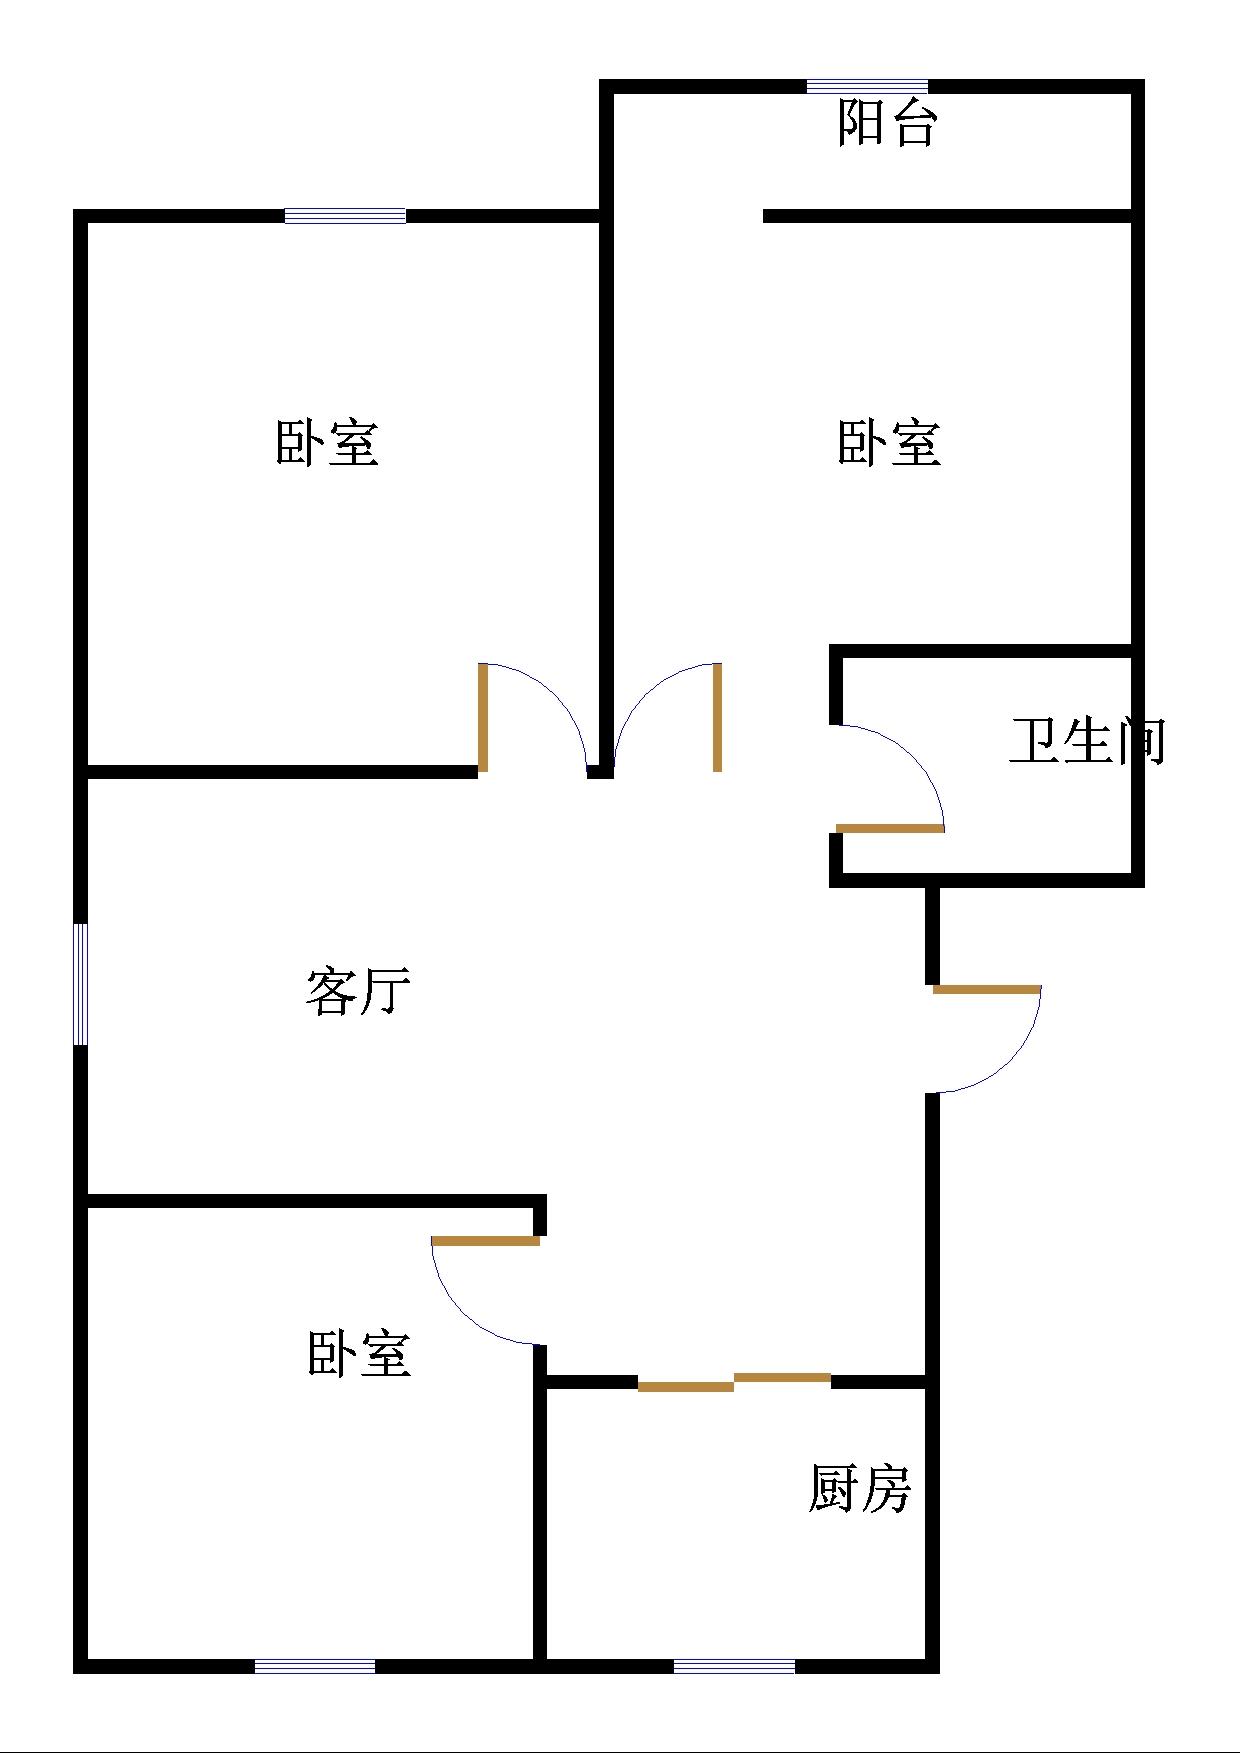 嘉诚尚东 3室2厅 双证齐全 精装 125万